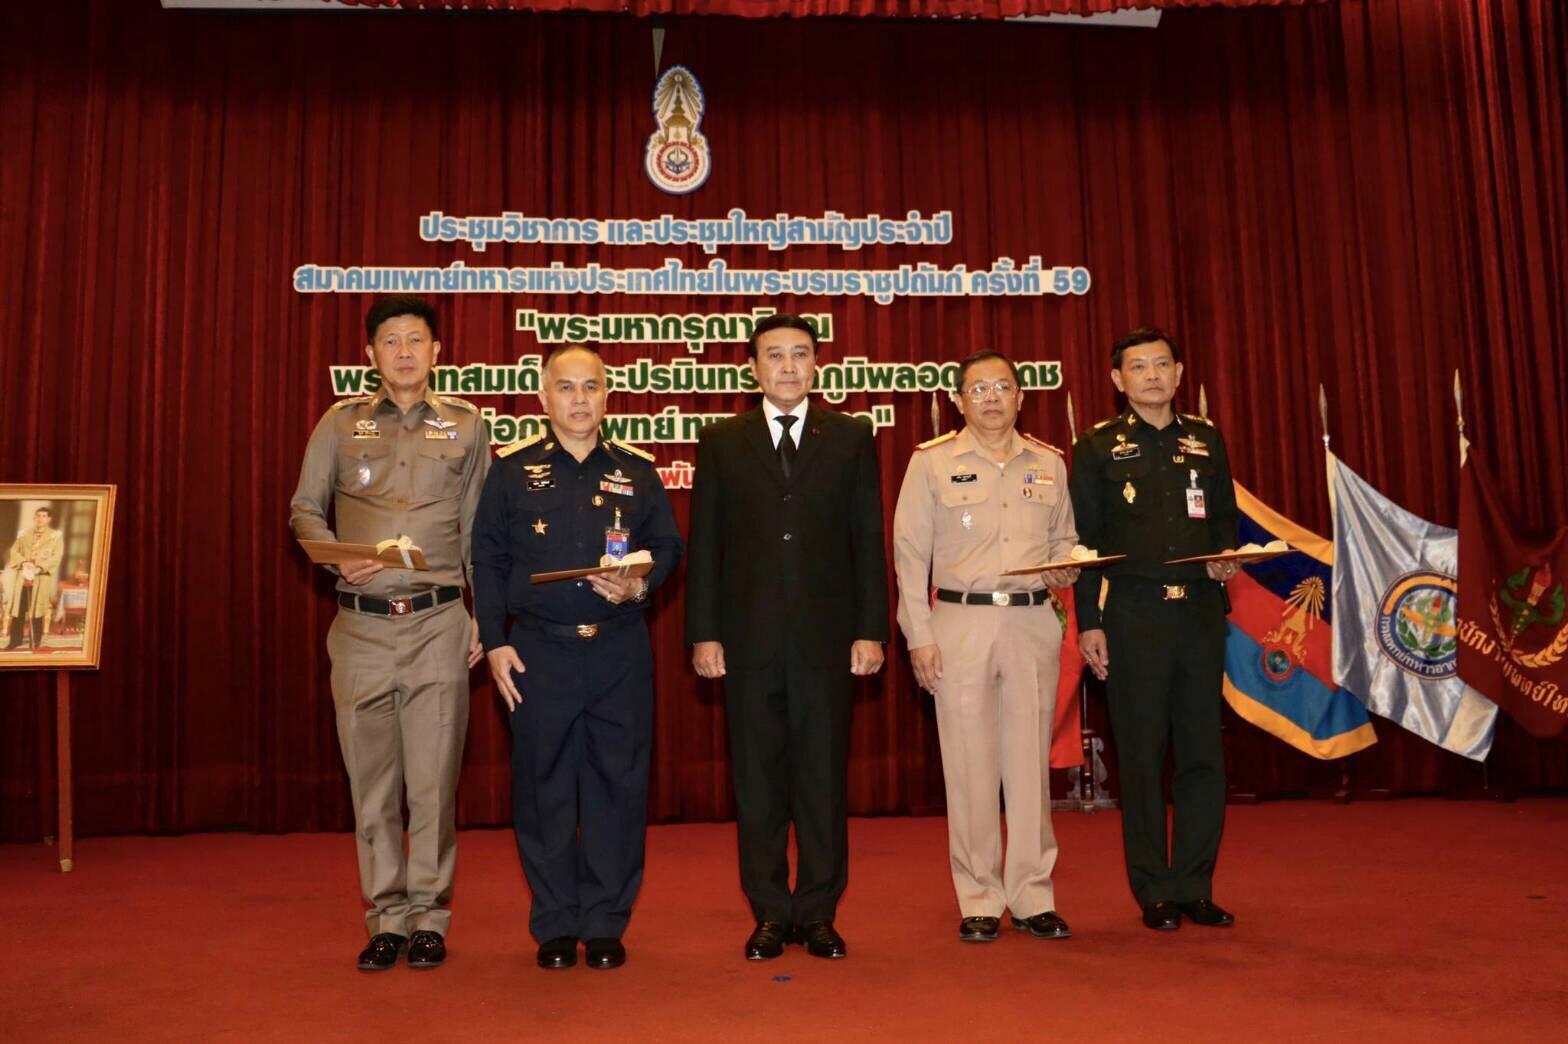 การประชุมวิชาการและประชุมใหญ่สามัญประจำปี ๕๙ สมาคมแพทย์ทหารแห่งประเทศไทยในพระบรมราชูปถัมภ์